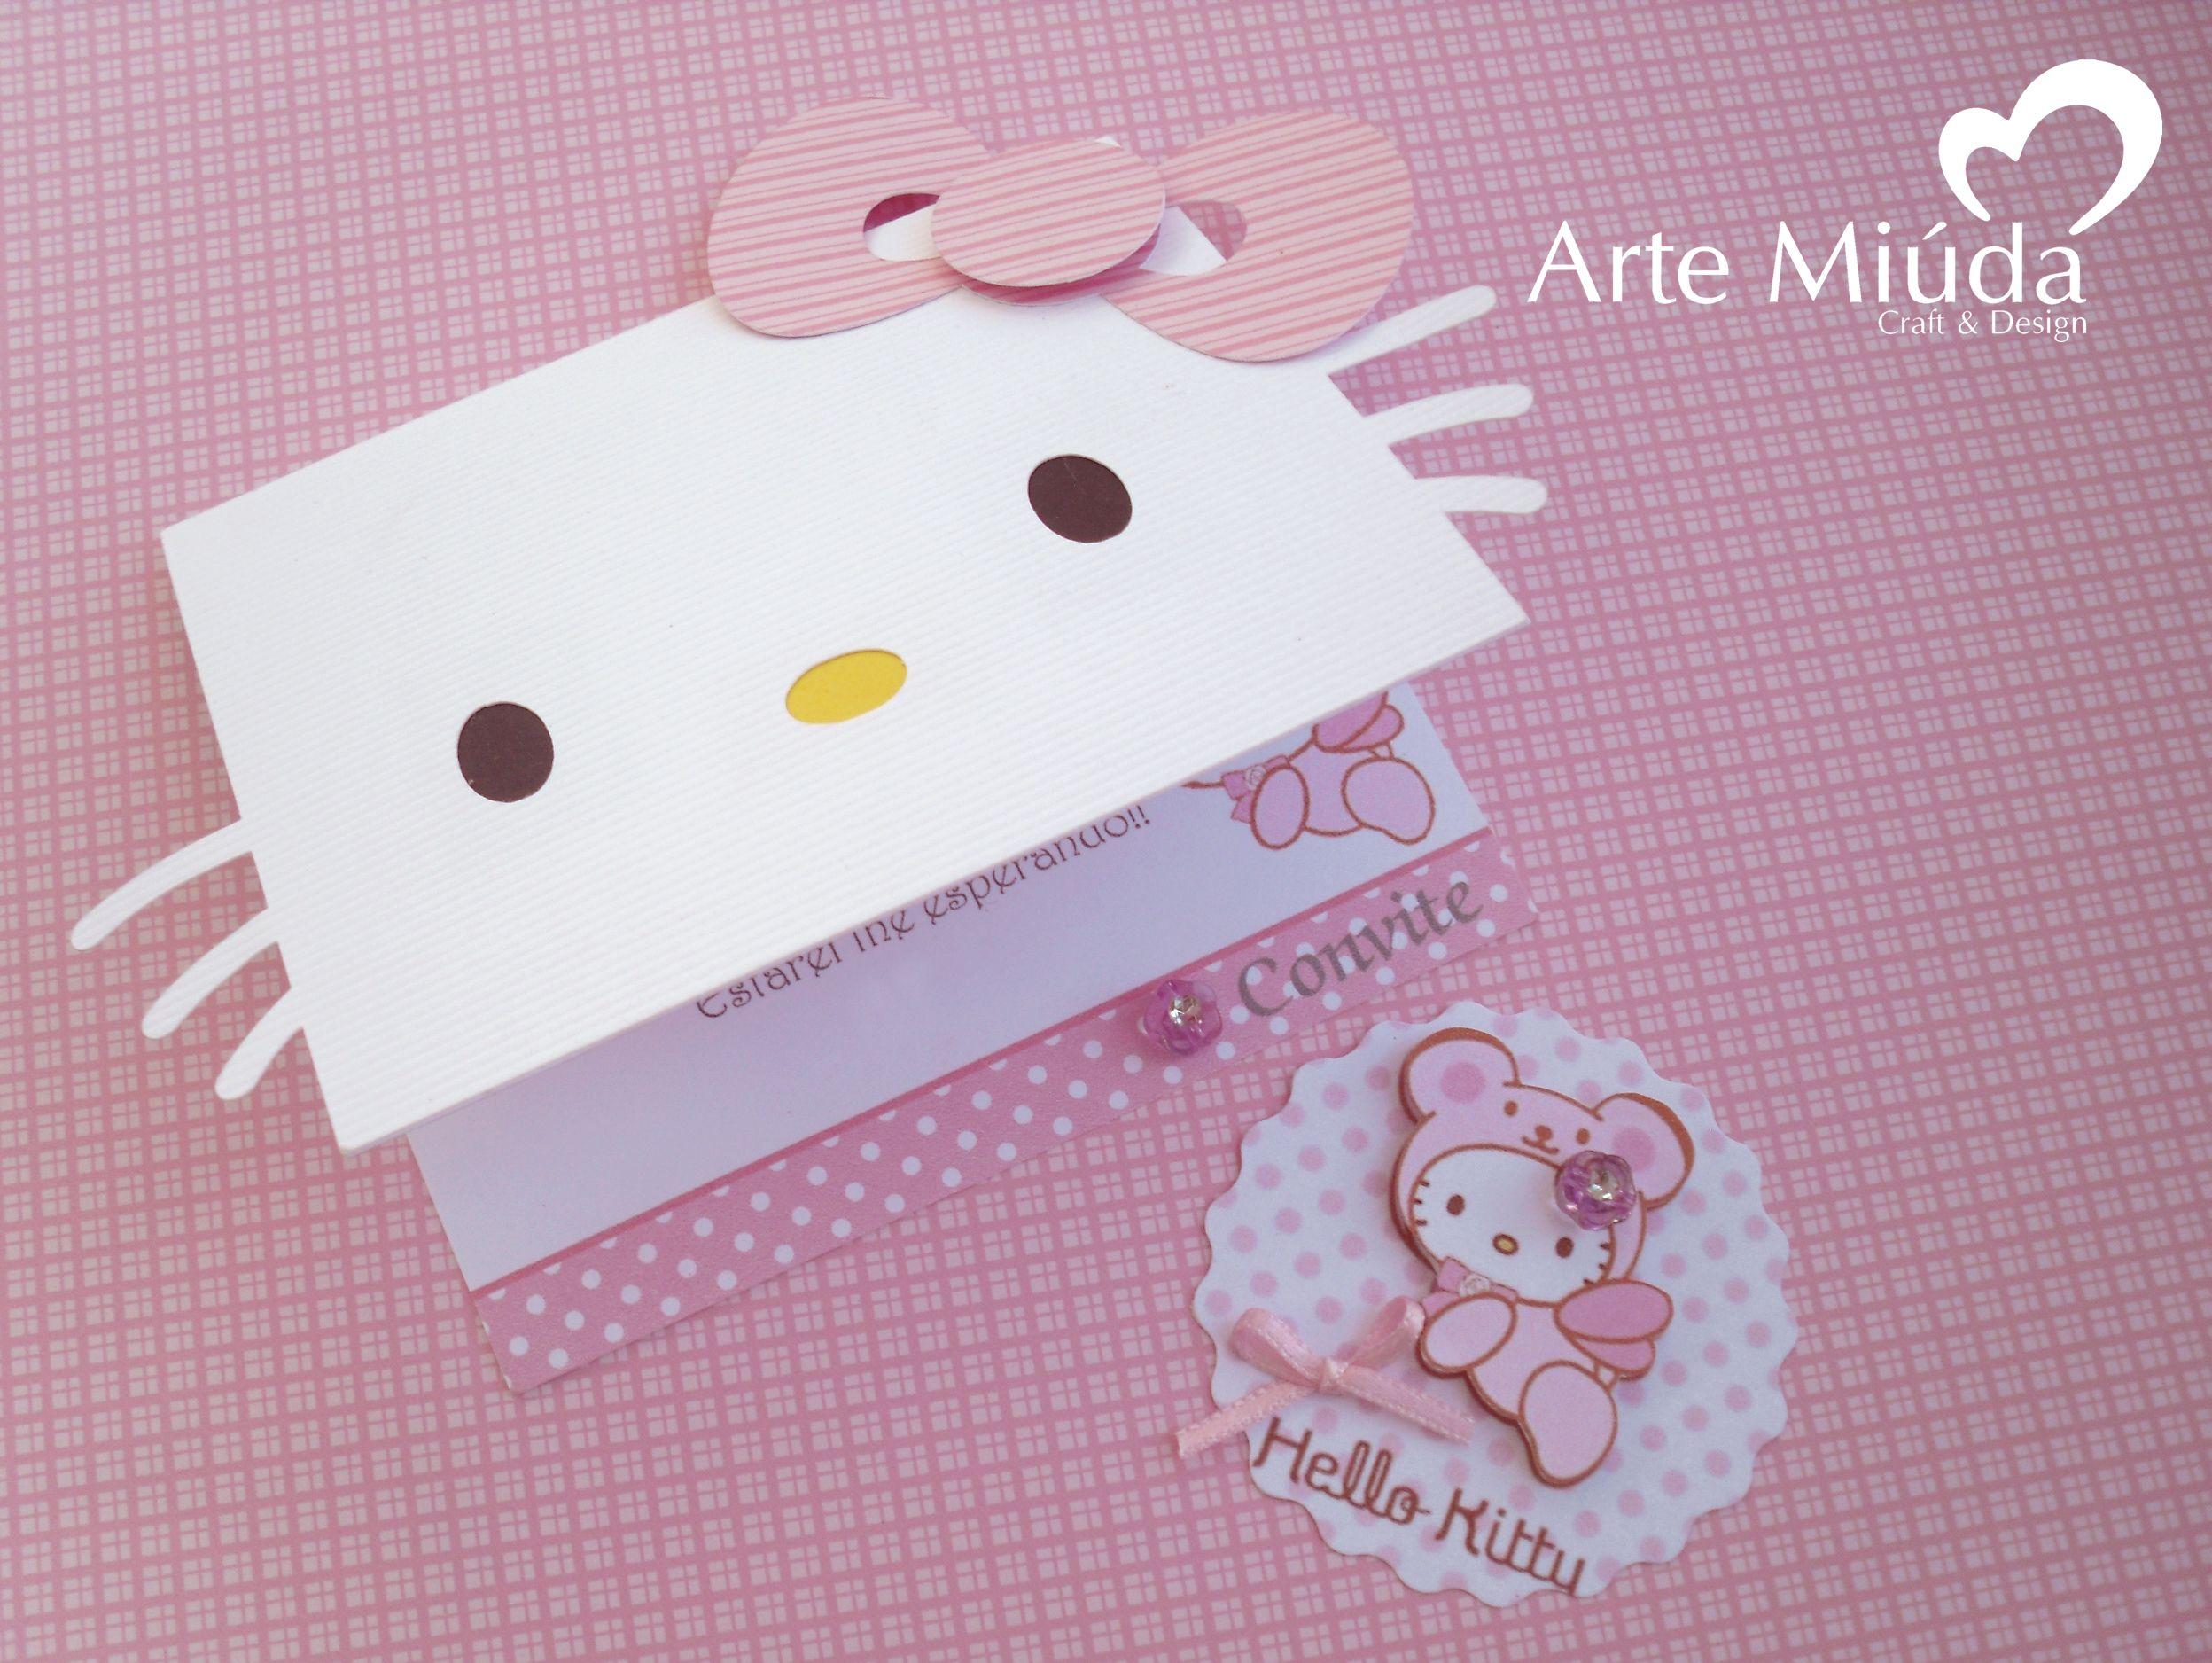 Hello kitty scrapbook ideas - Convite Hello Kitty